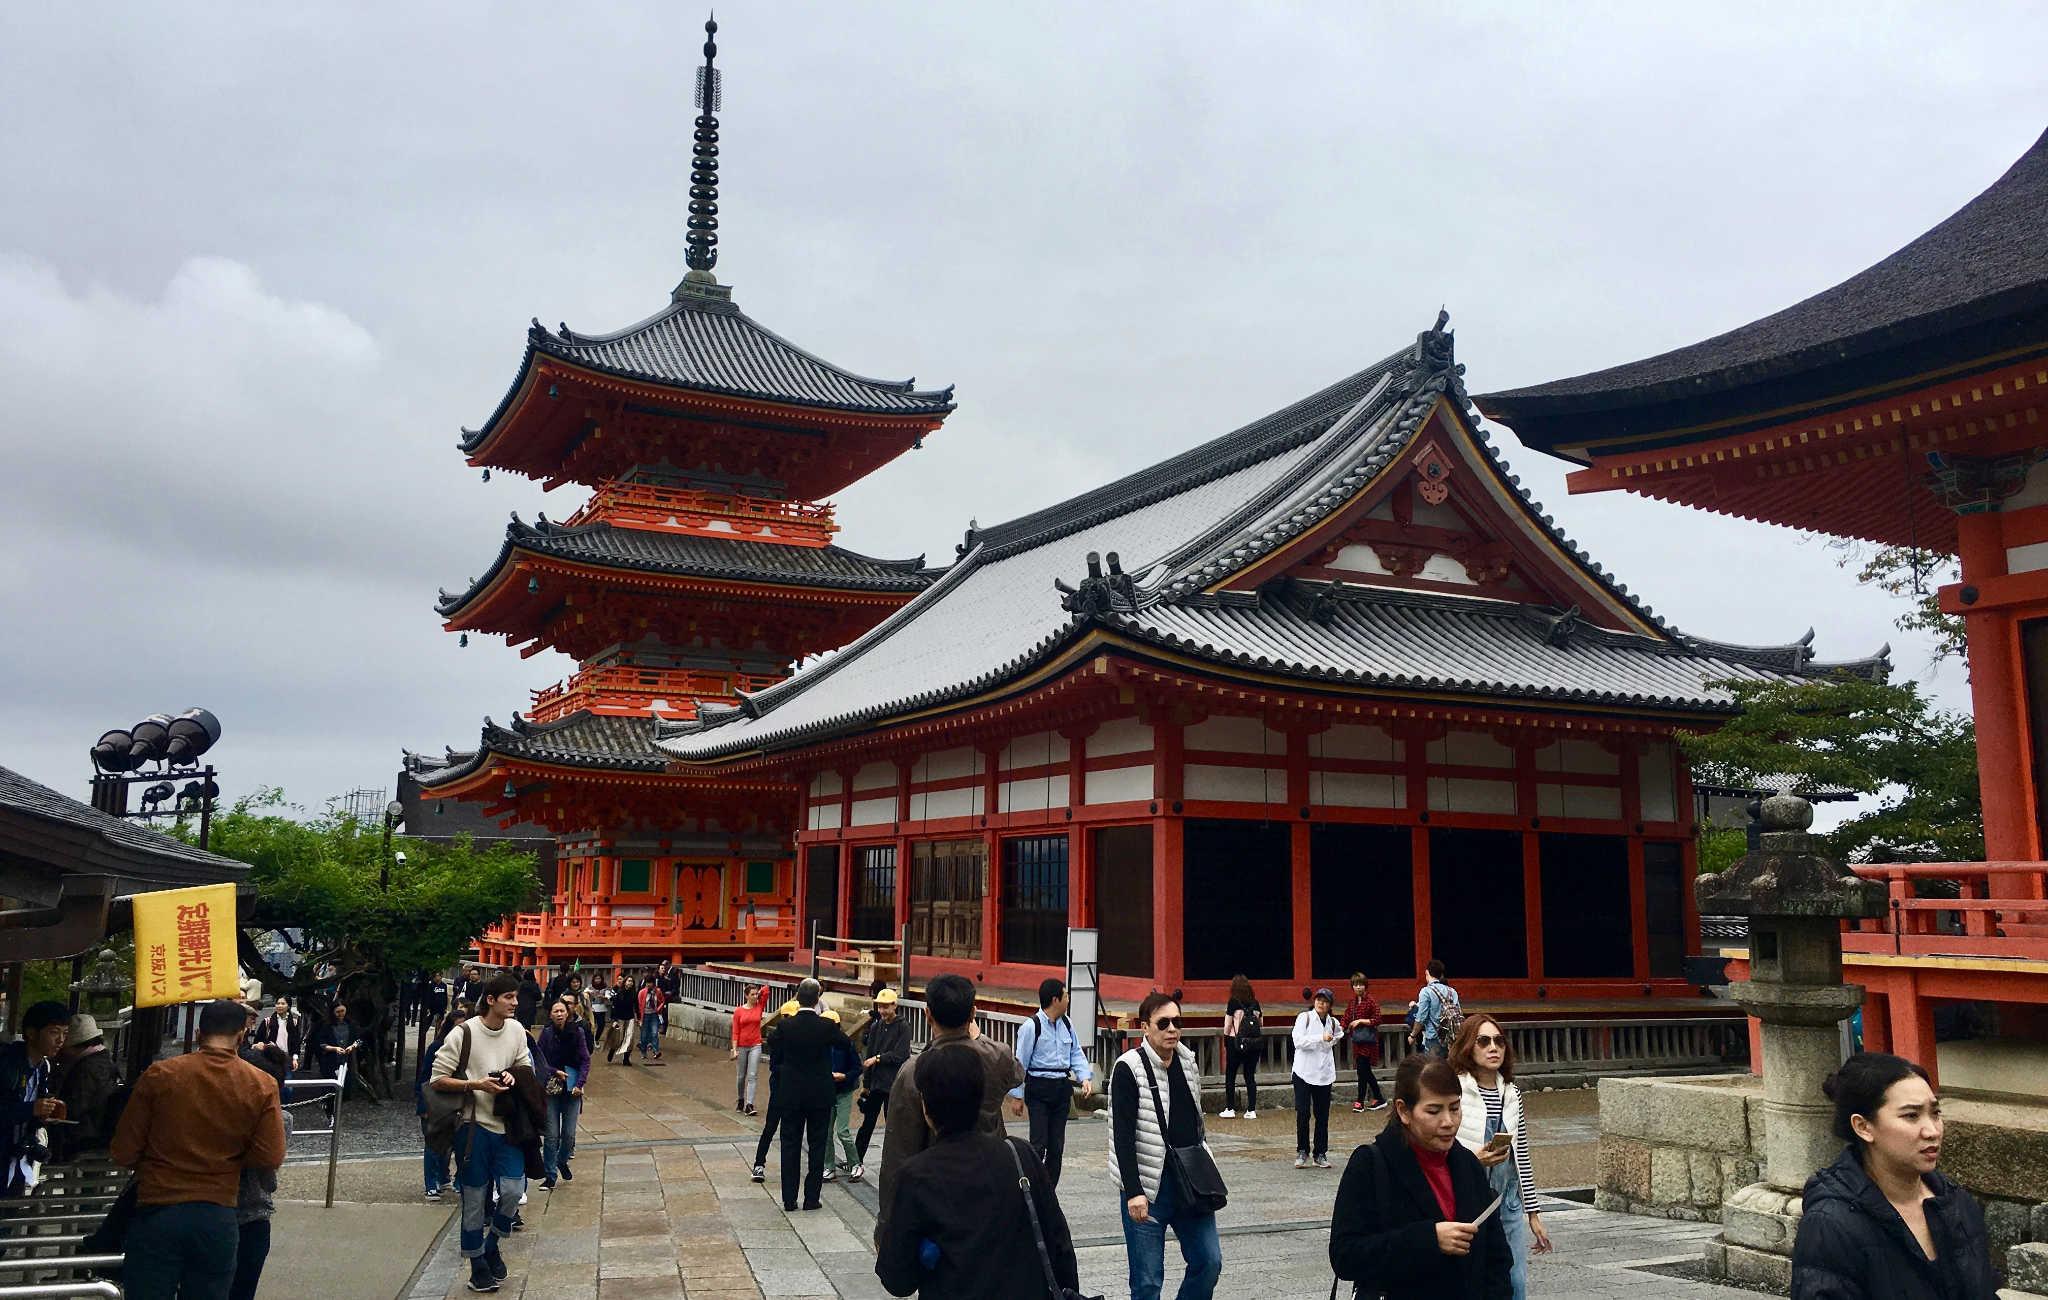 Le temple est composé de plusieurs bâtiments dont une magestueuse pagode à 3 étages